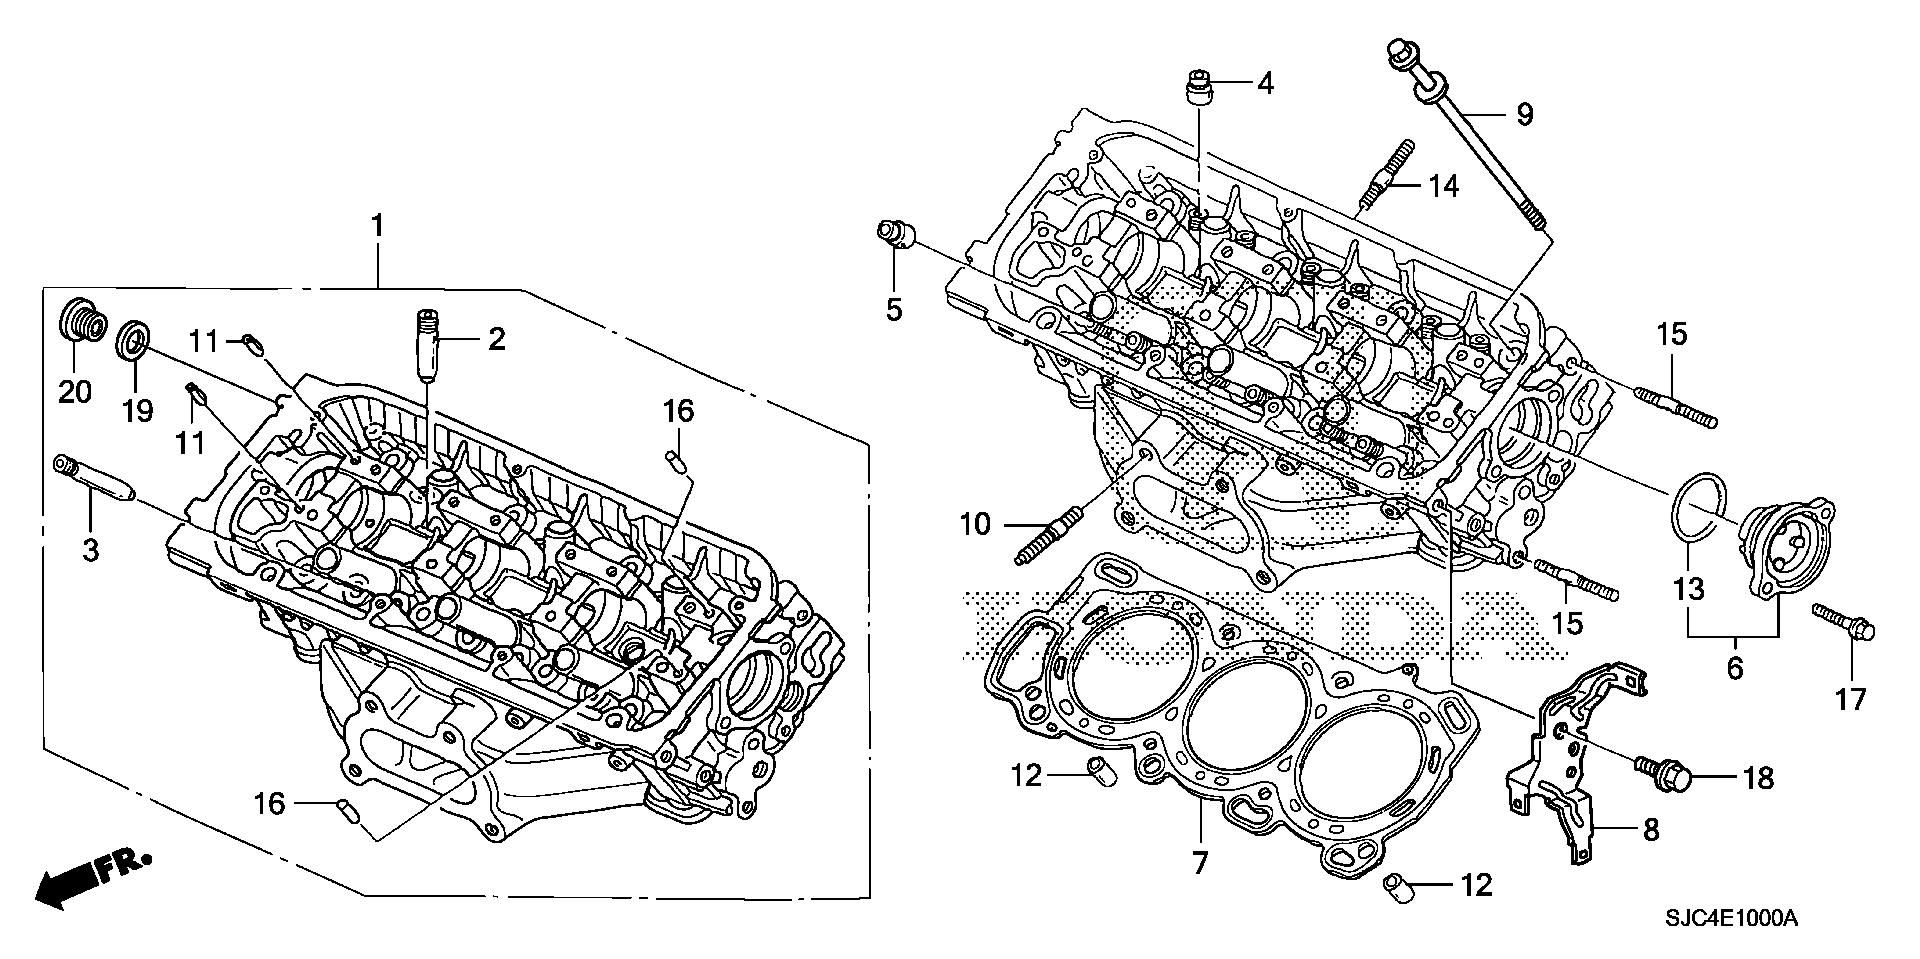 Honda Ridgeline Wiring Schematics